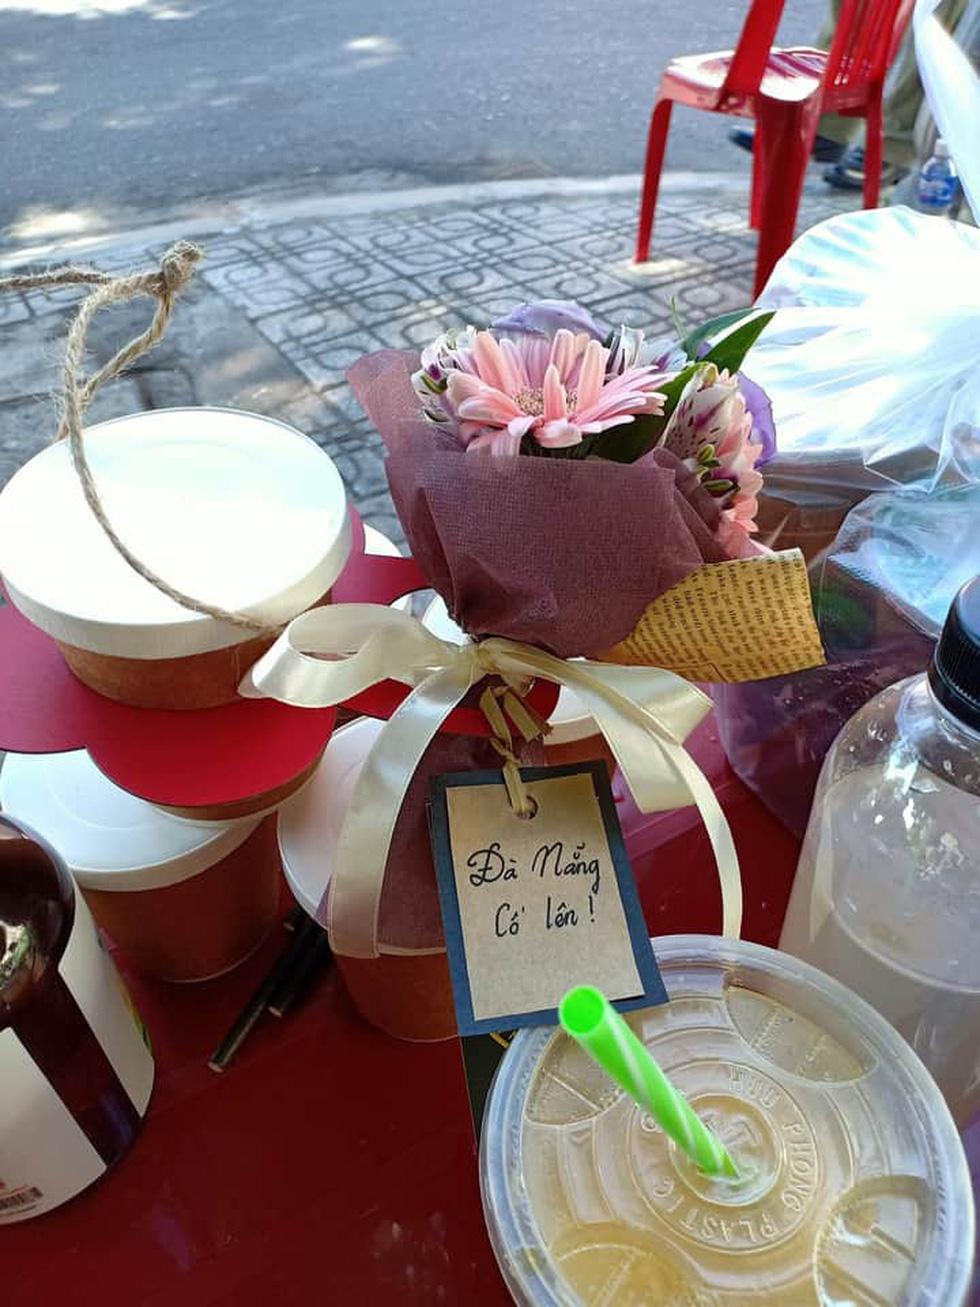 Những món quà cưng gửi tuyến đầu của người dân Đà Nẵng - Ảnh 1.